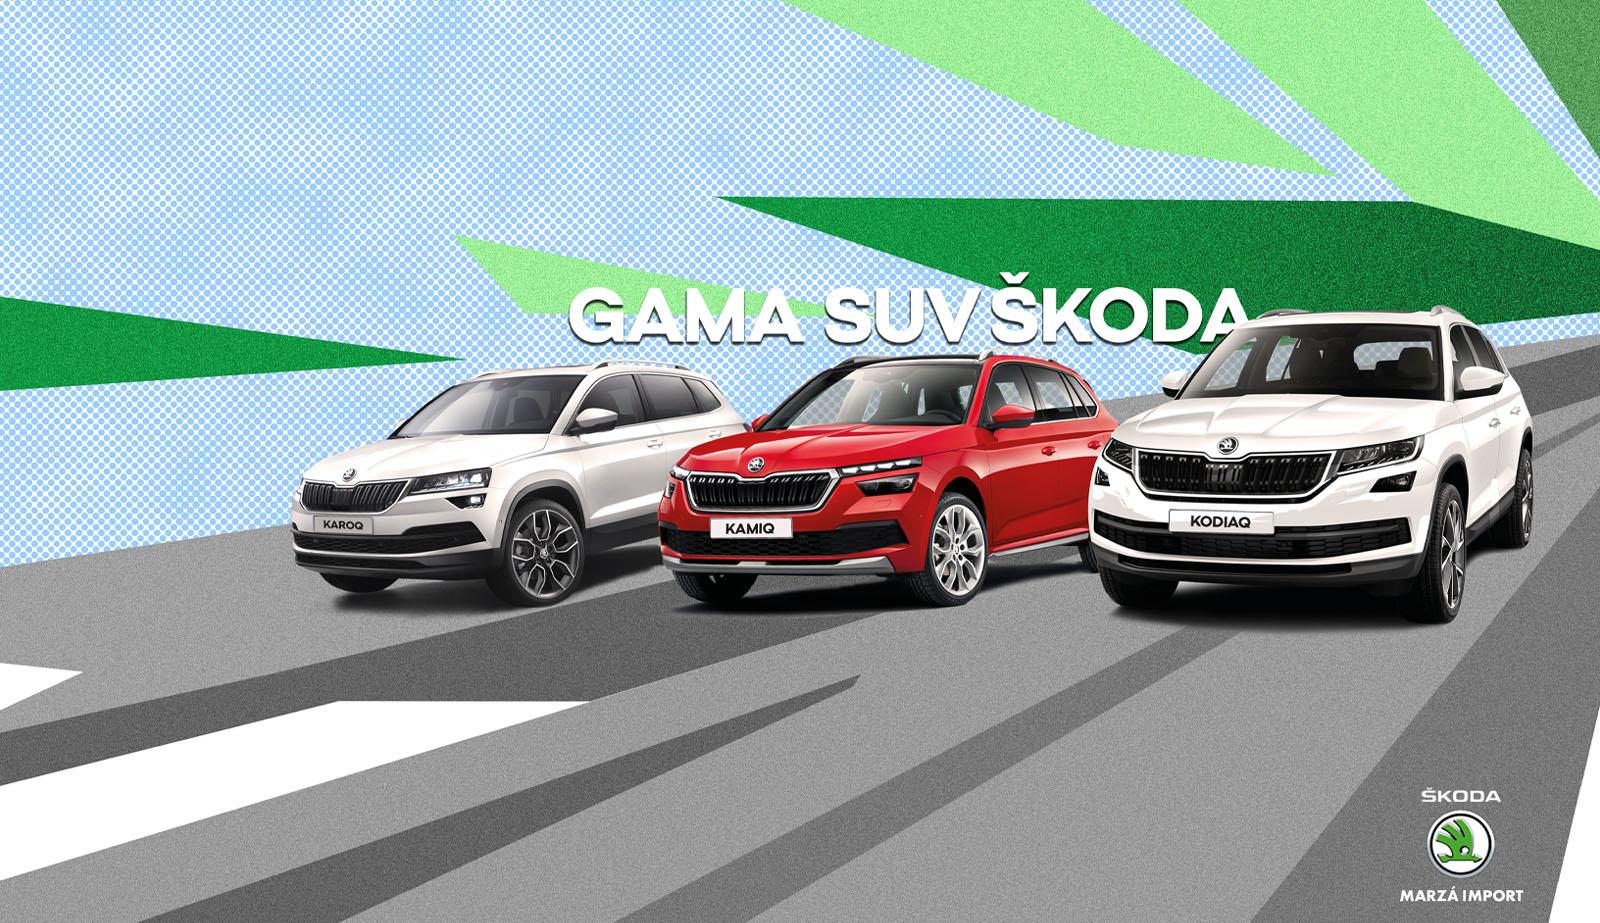 Gama SUV Skoda Marzá Import